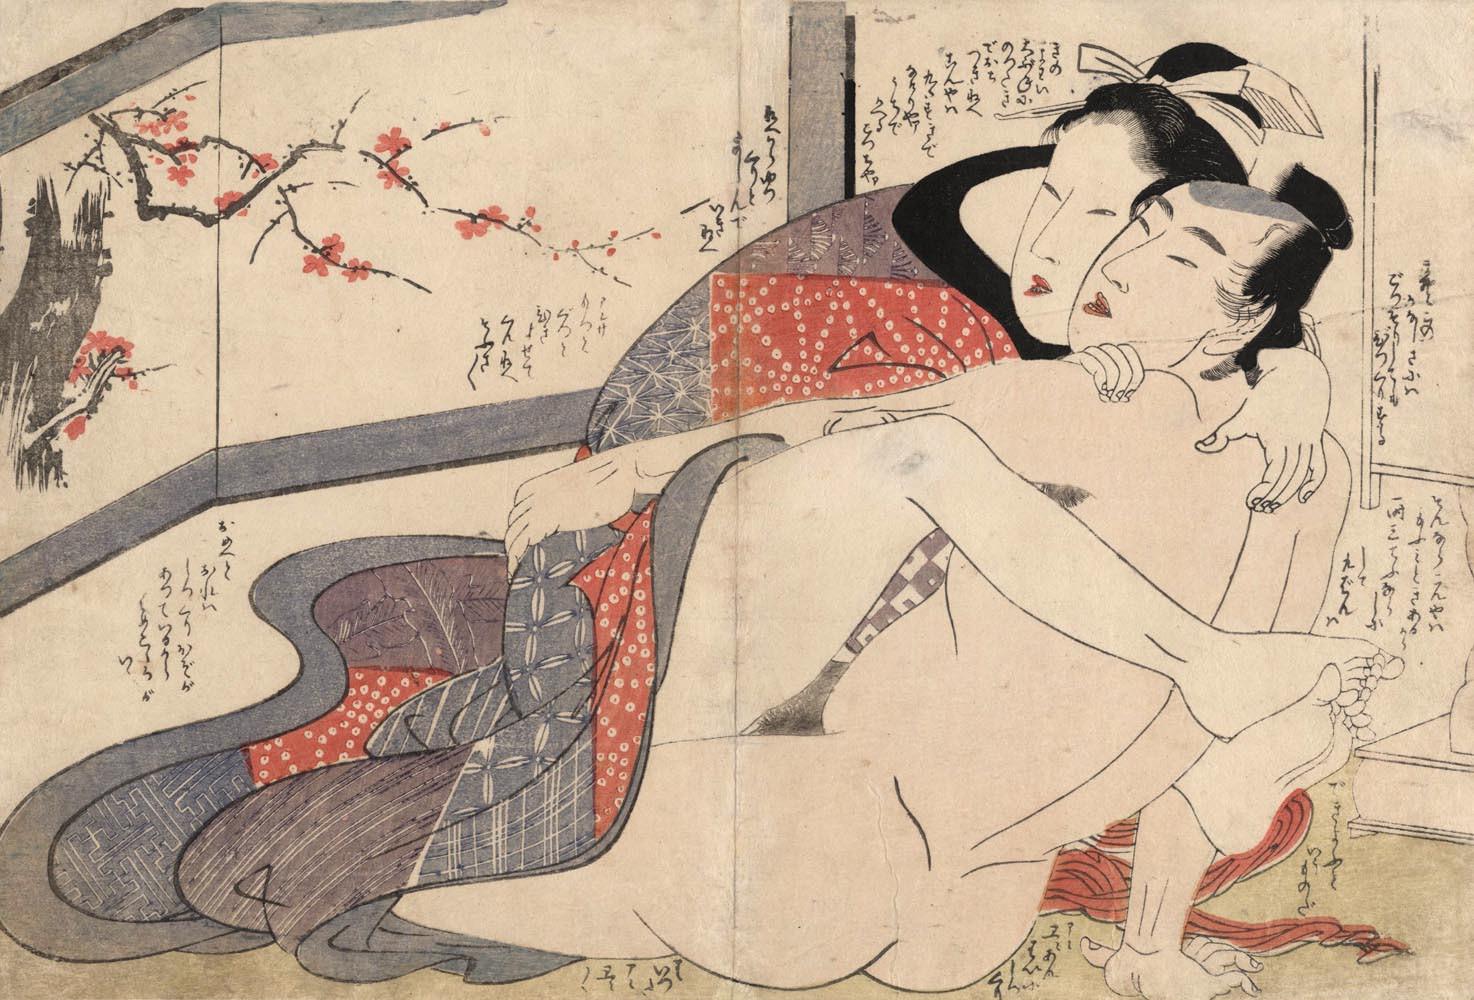 Японские истории смотреть порно Согласен, очень